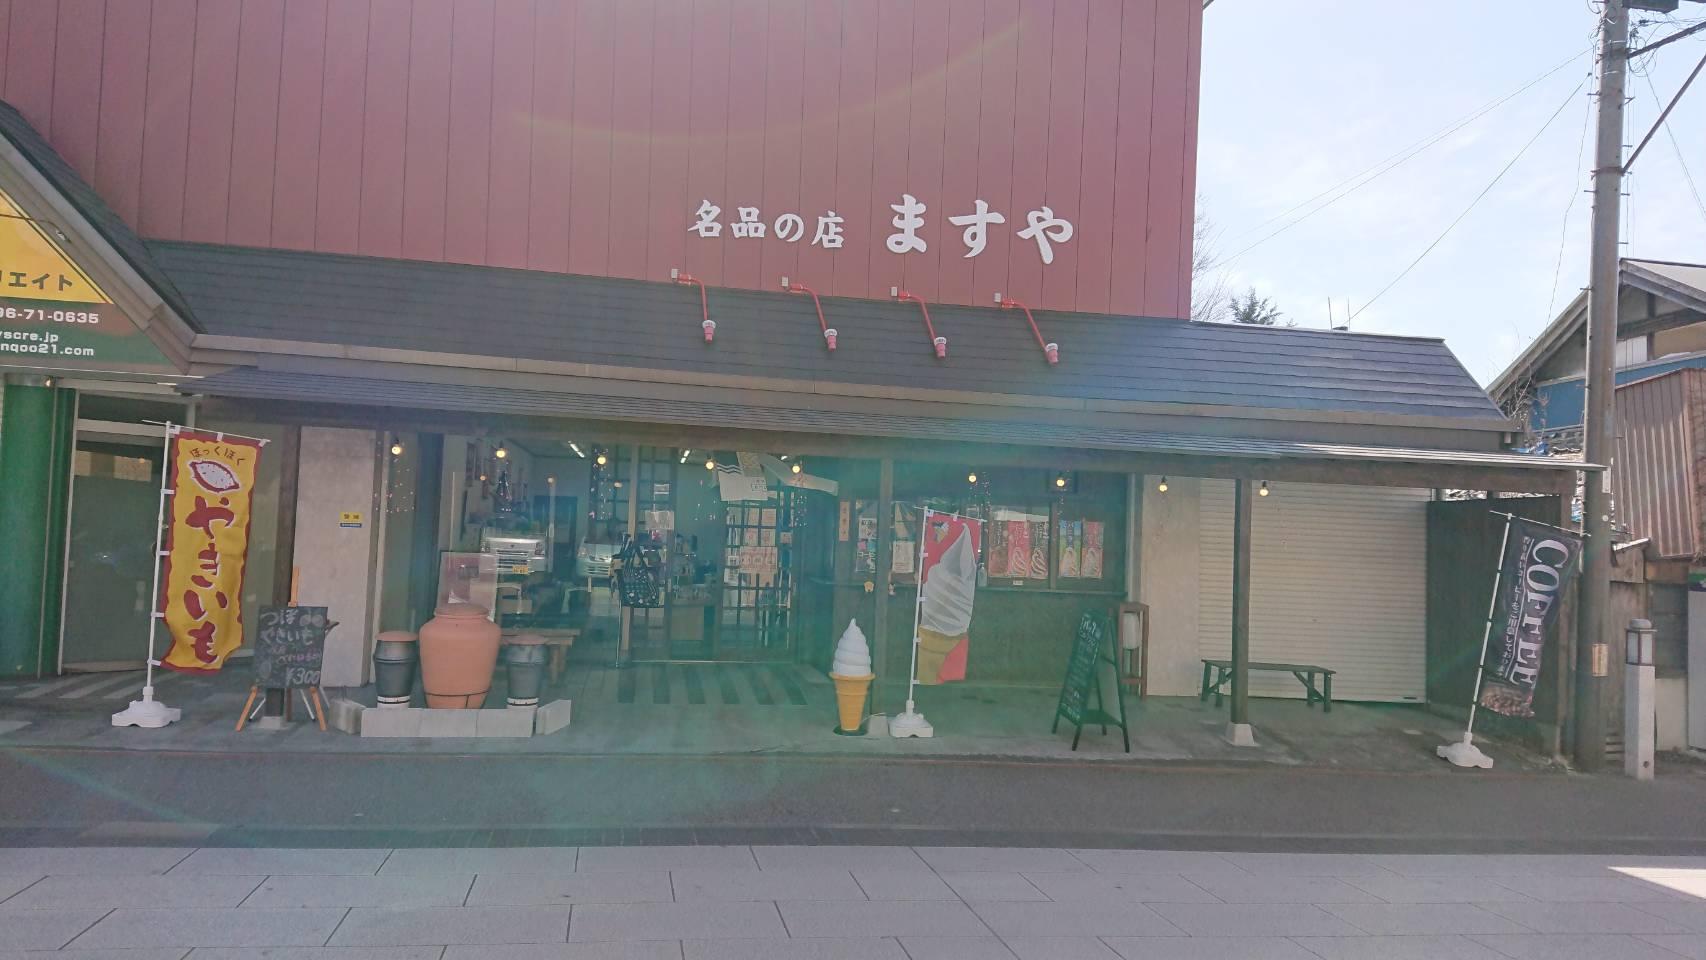 名品の店 ますや_c0194018_16203360.jpg